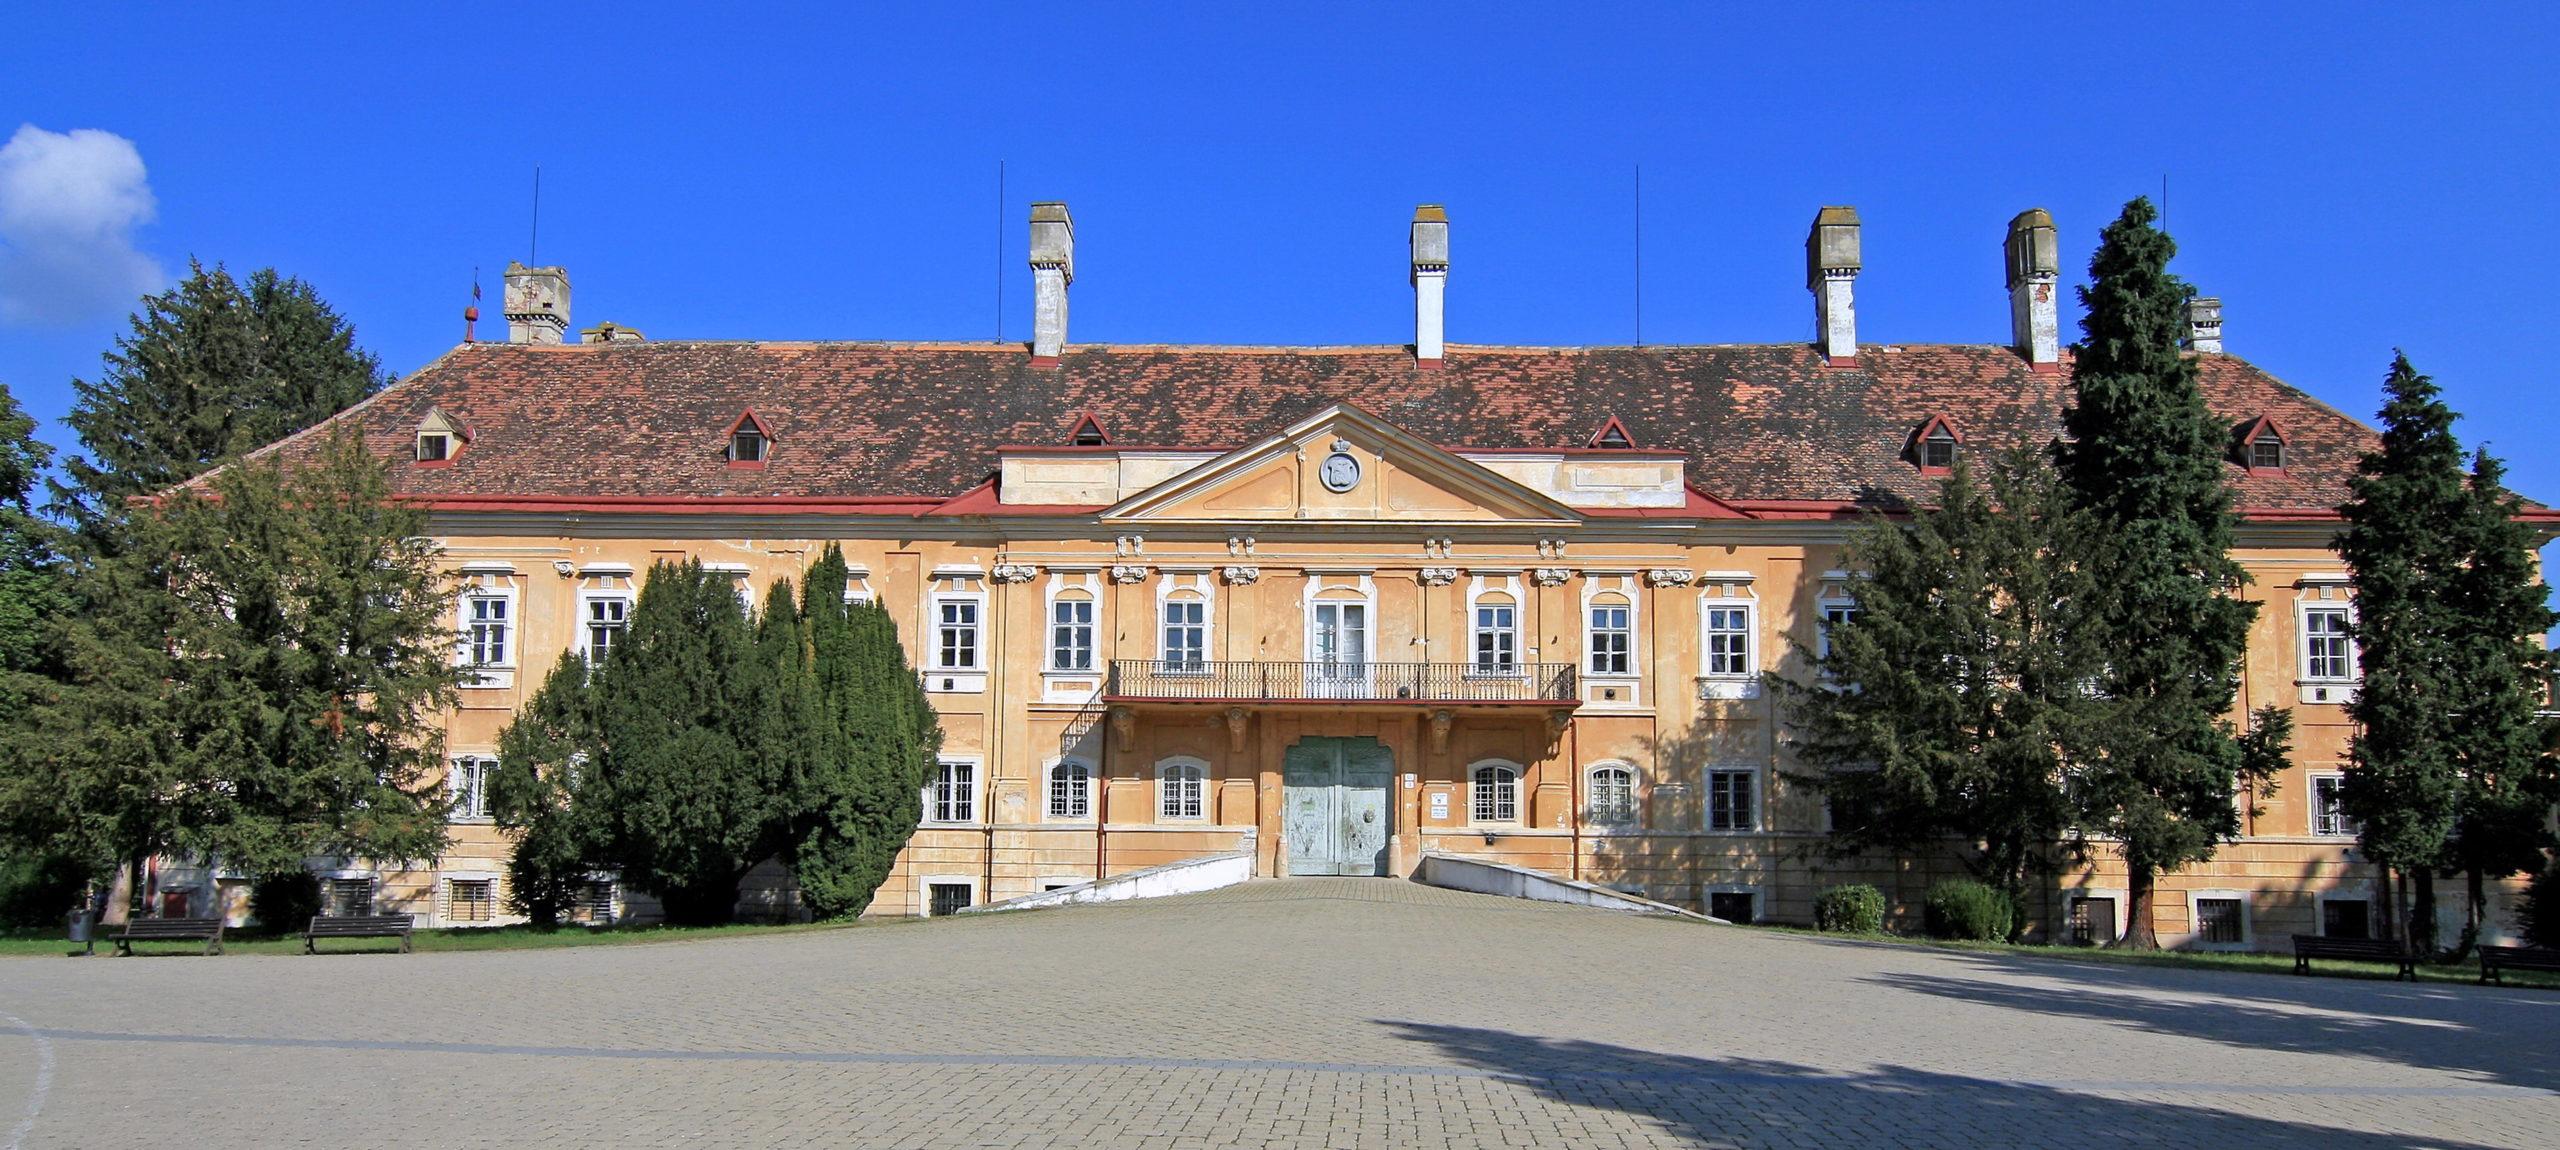 Les paratonnerres DAT CONTROLER® REMOTE protègent le château de Malacky en Slovaquie